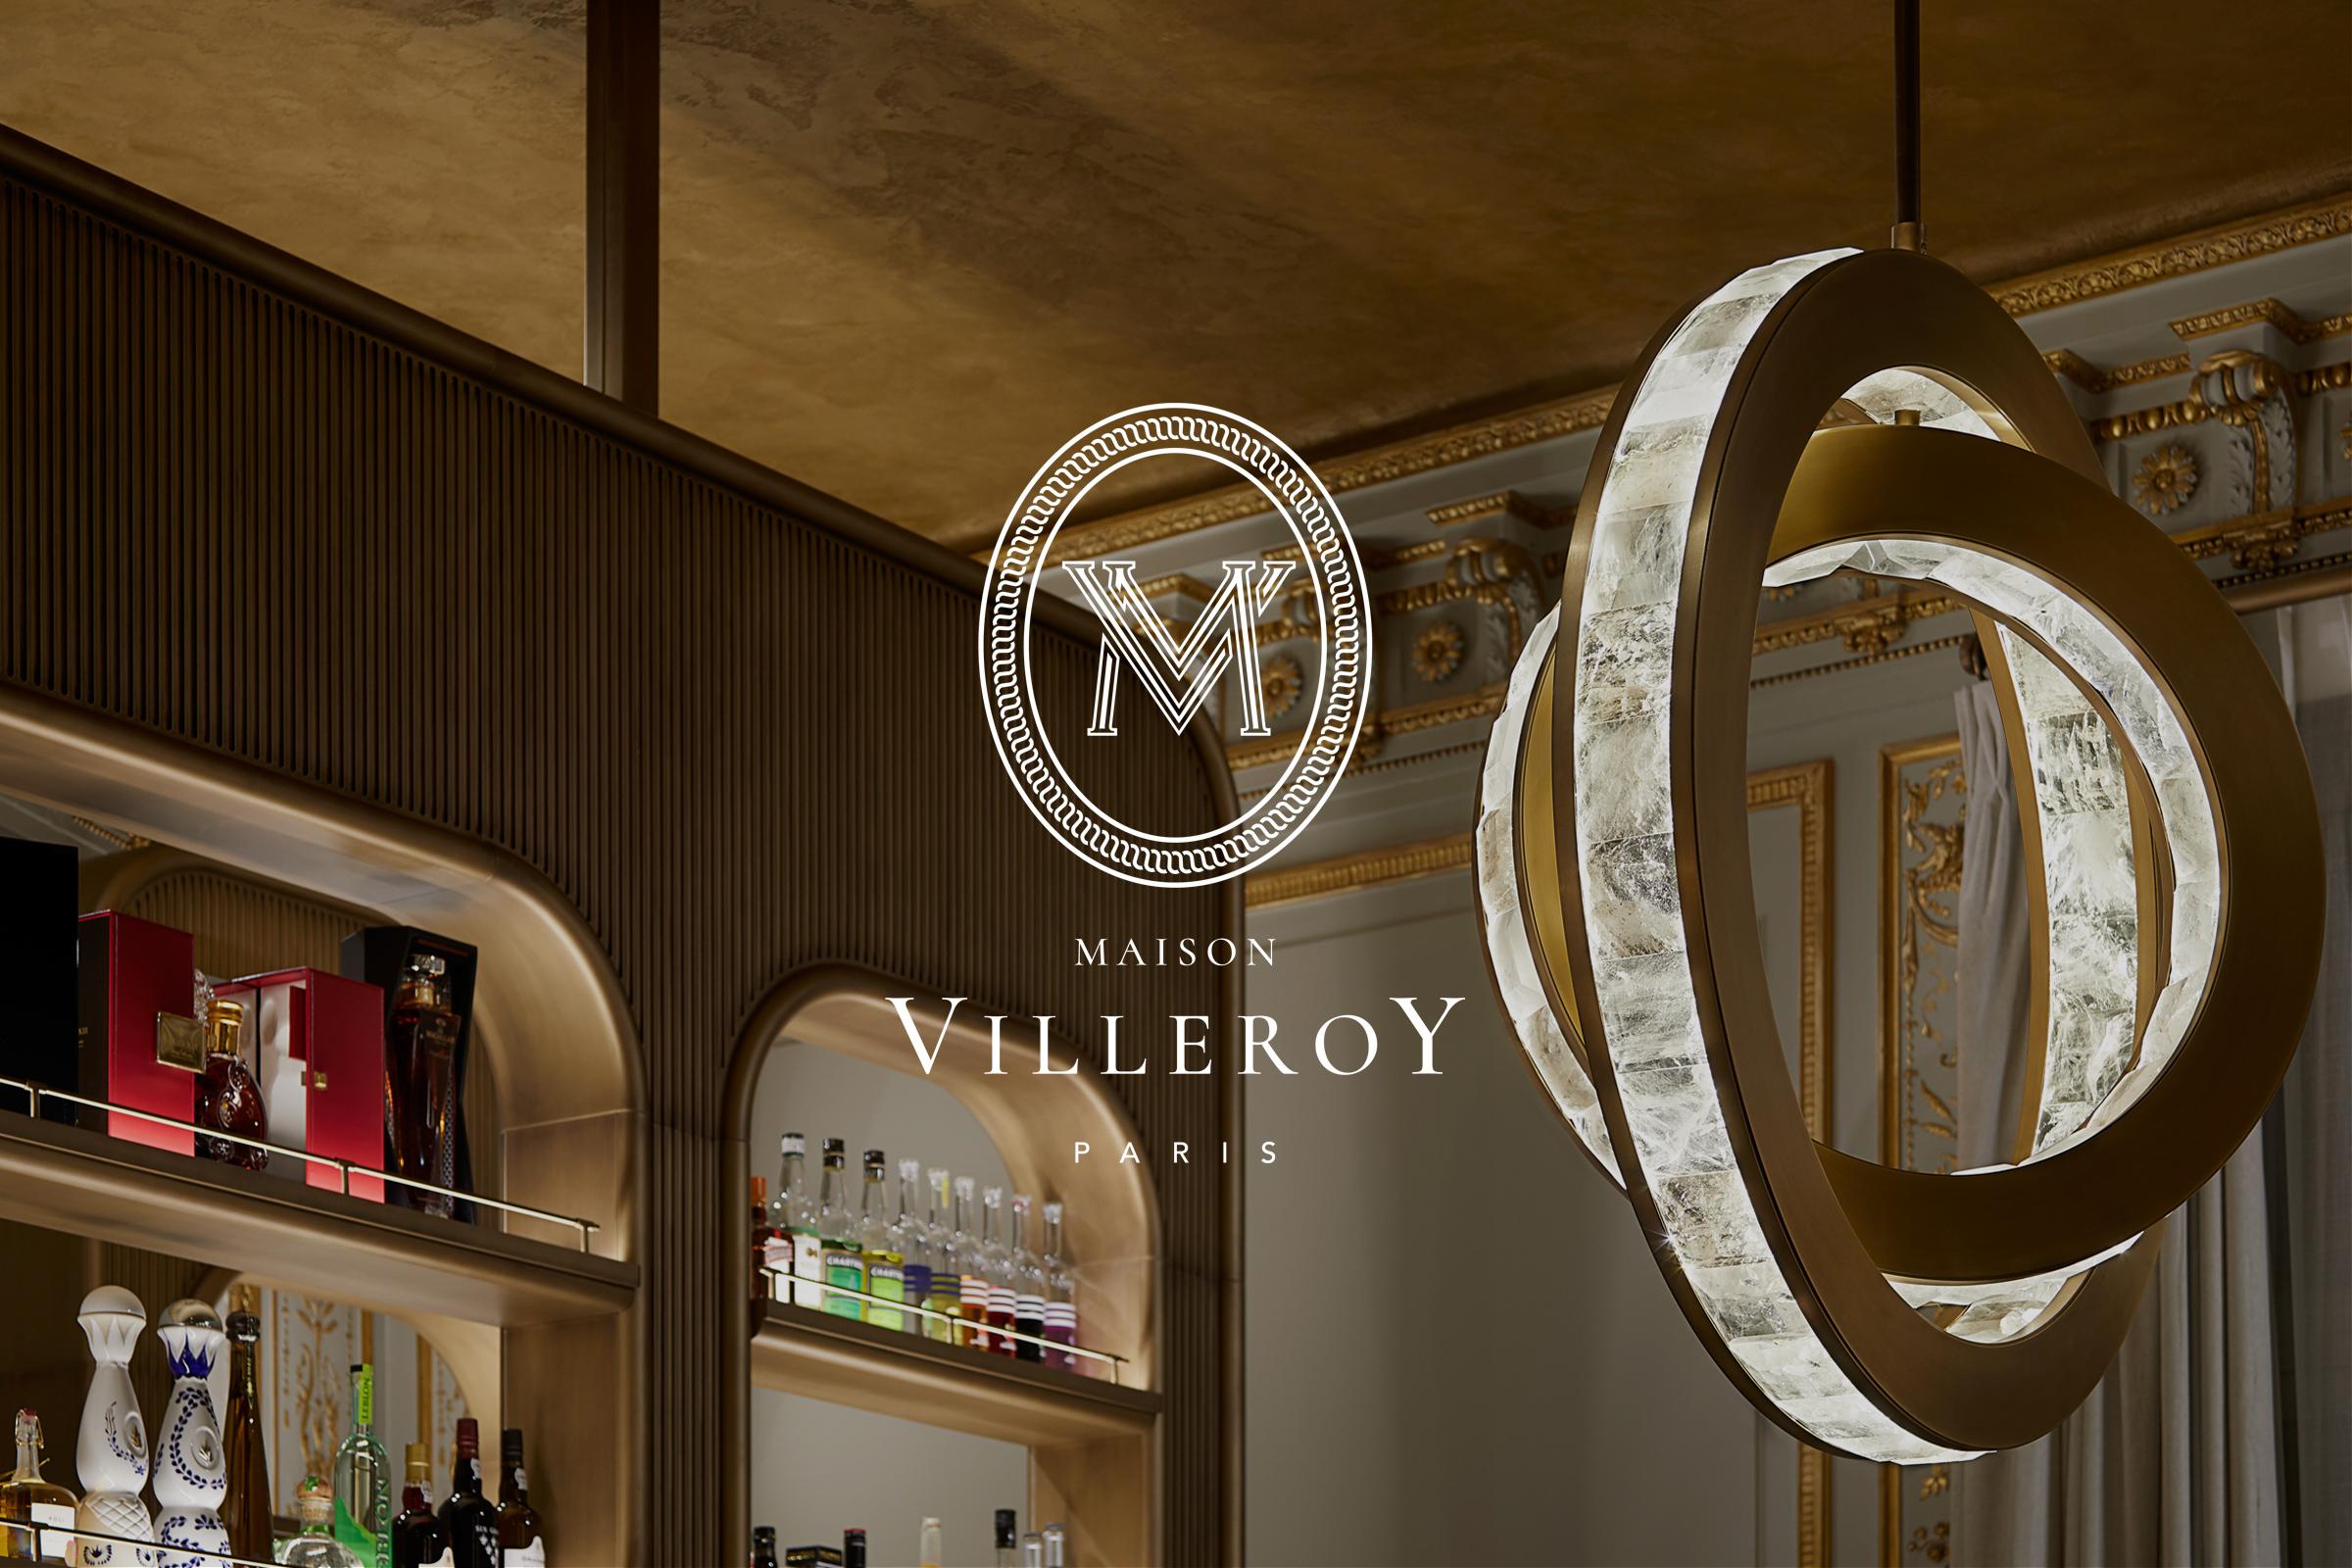 Maison Villeroy